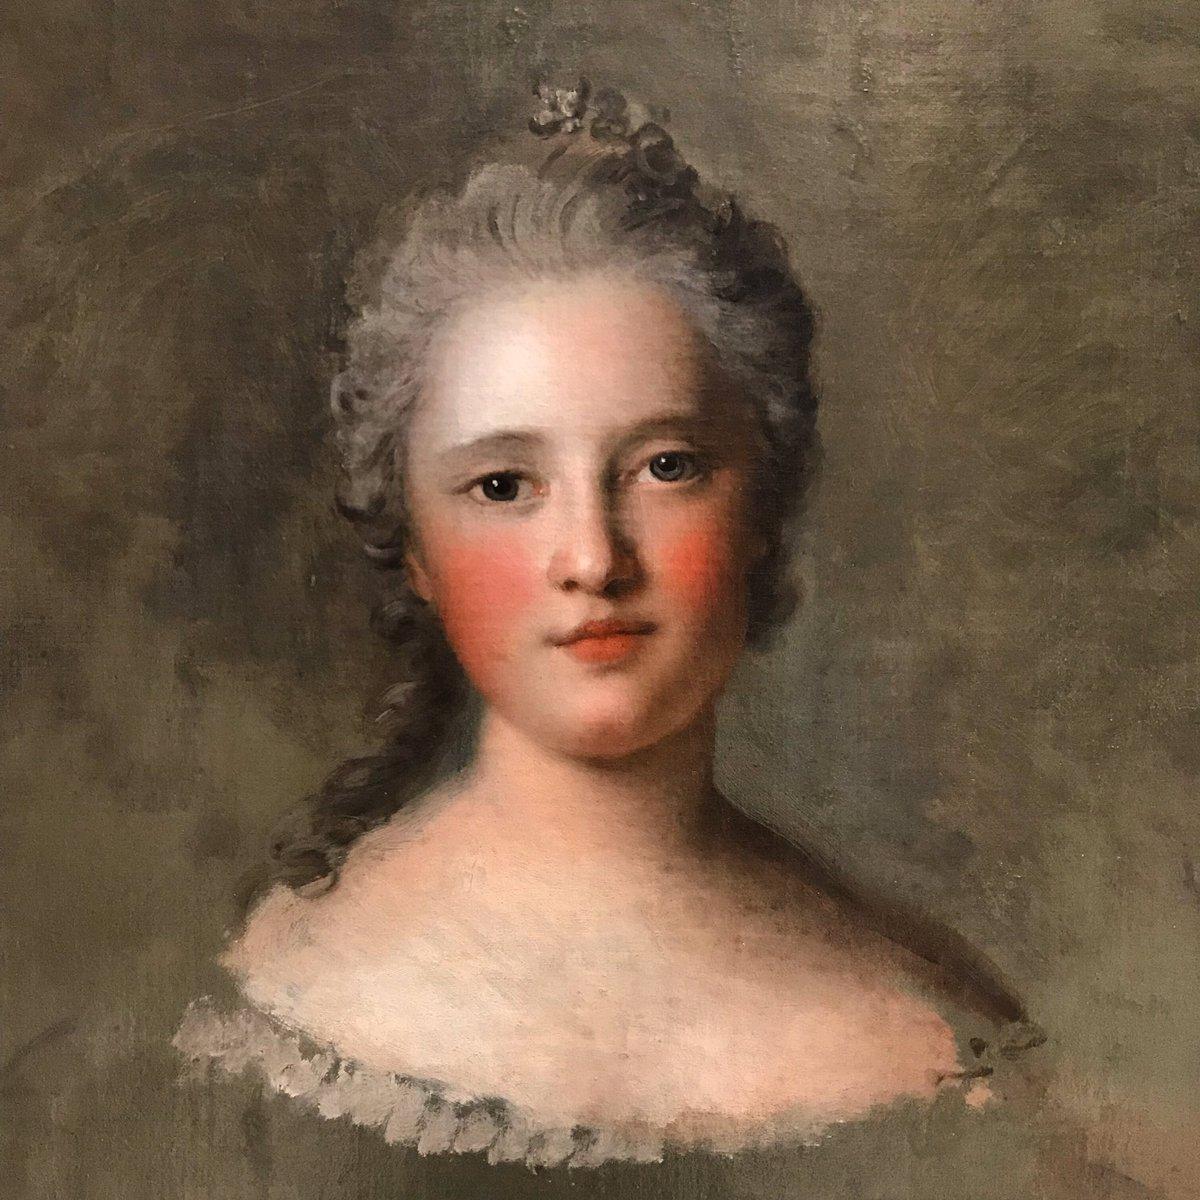 """Résultat de recherche d'images pour """"Marie-Josèphe de Saxe par Nattier"""""""